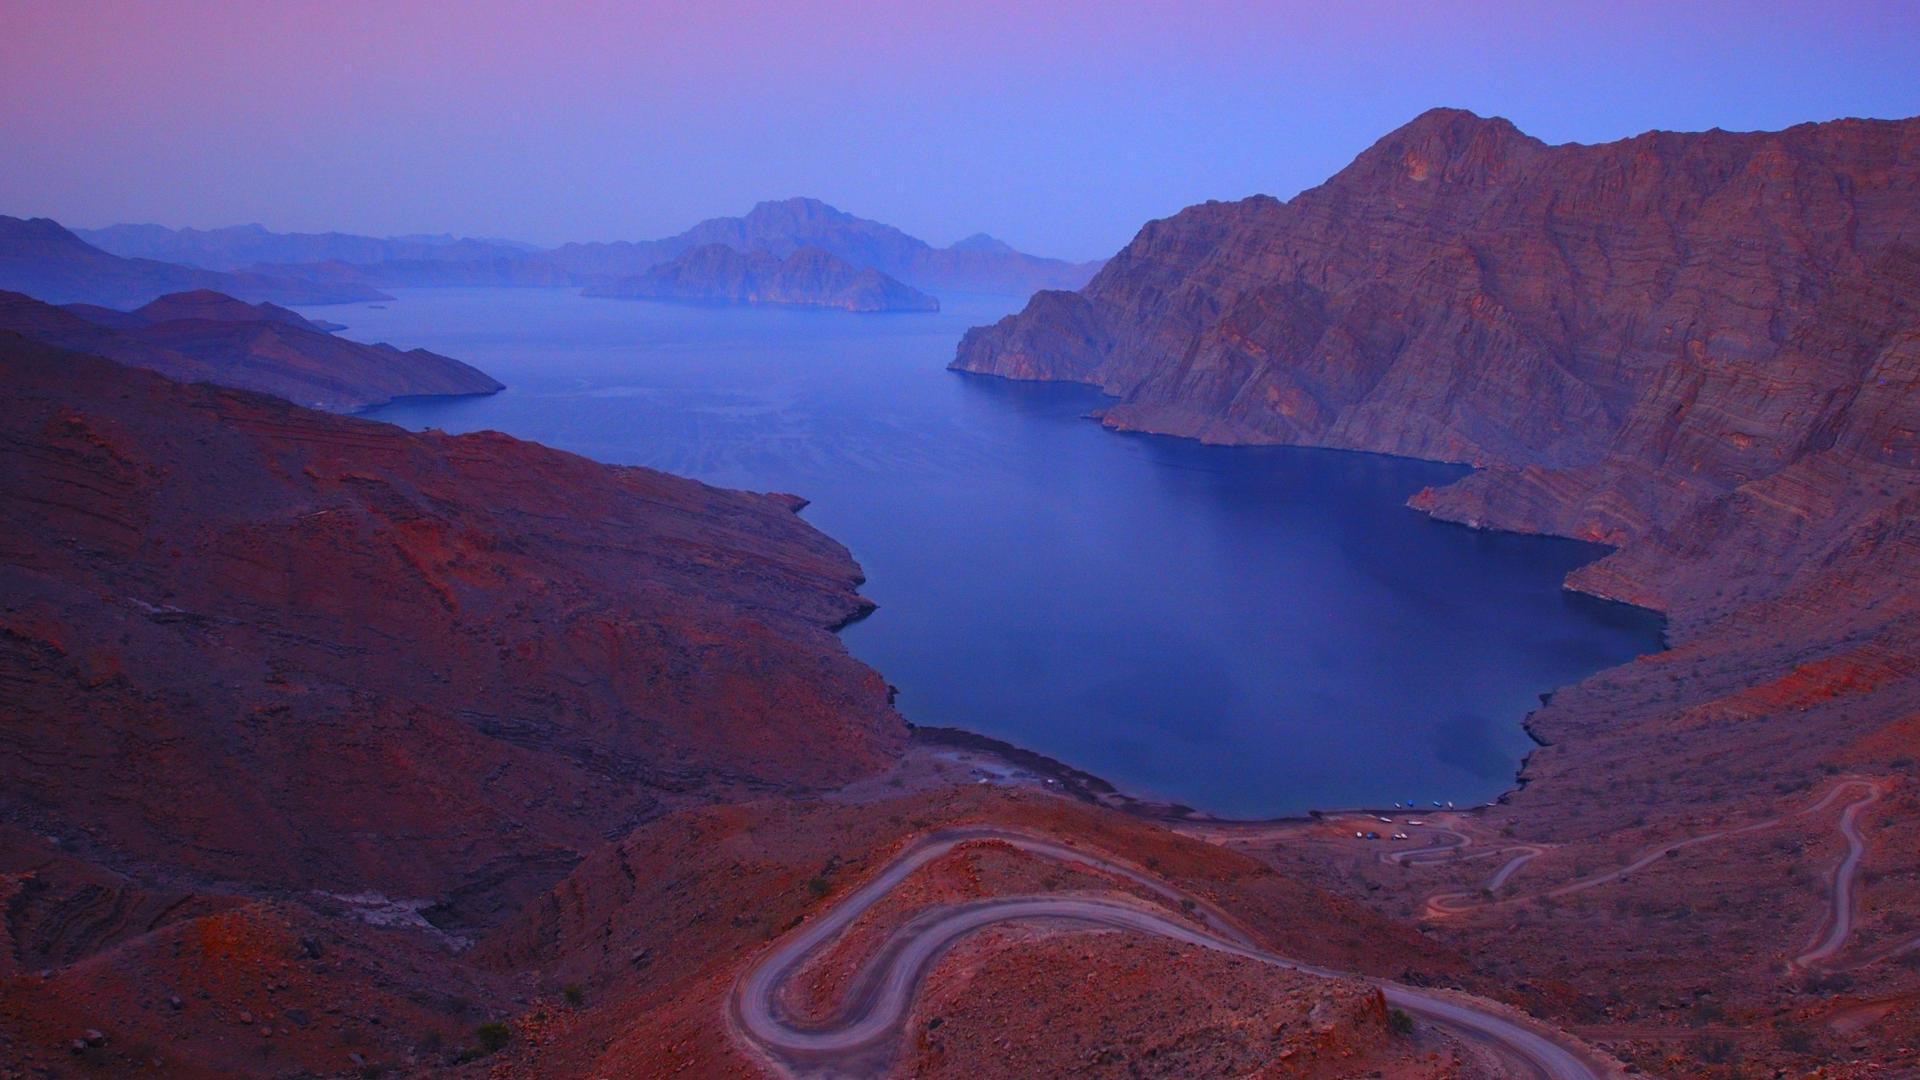 Khor Njad Fjord, Oman